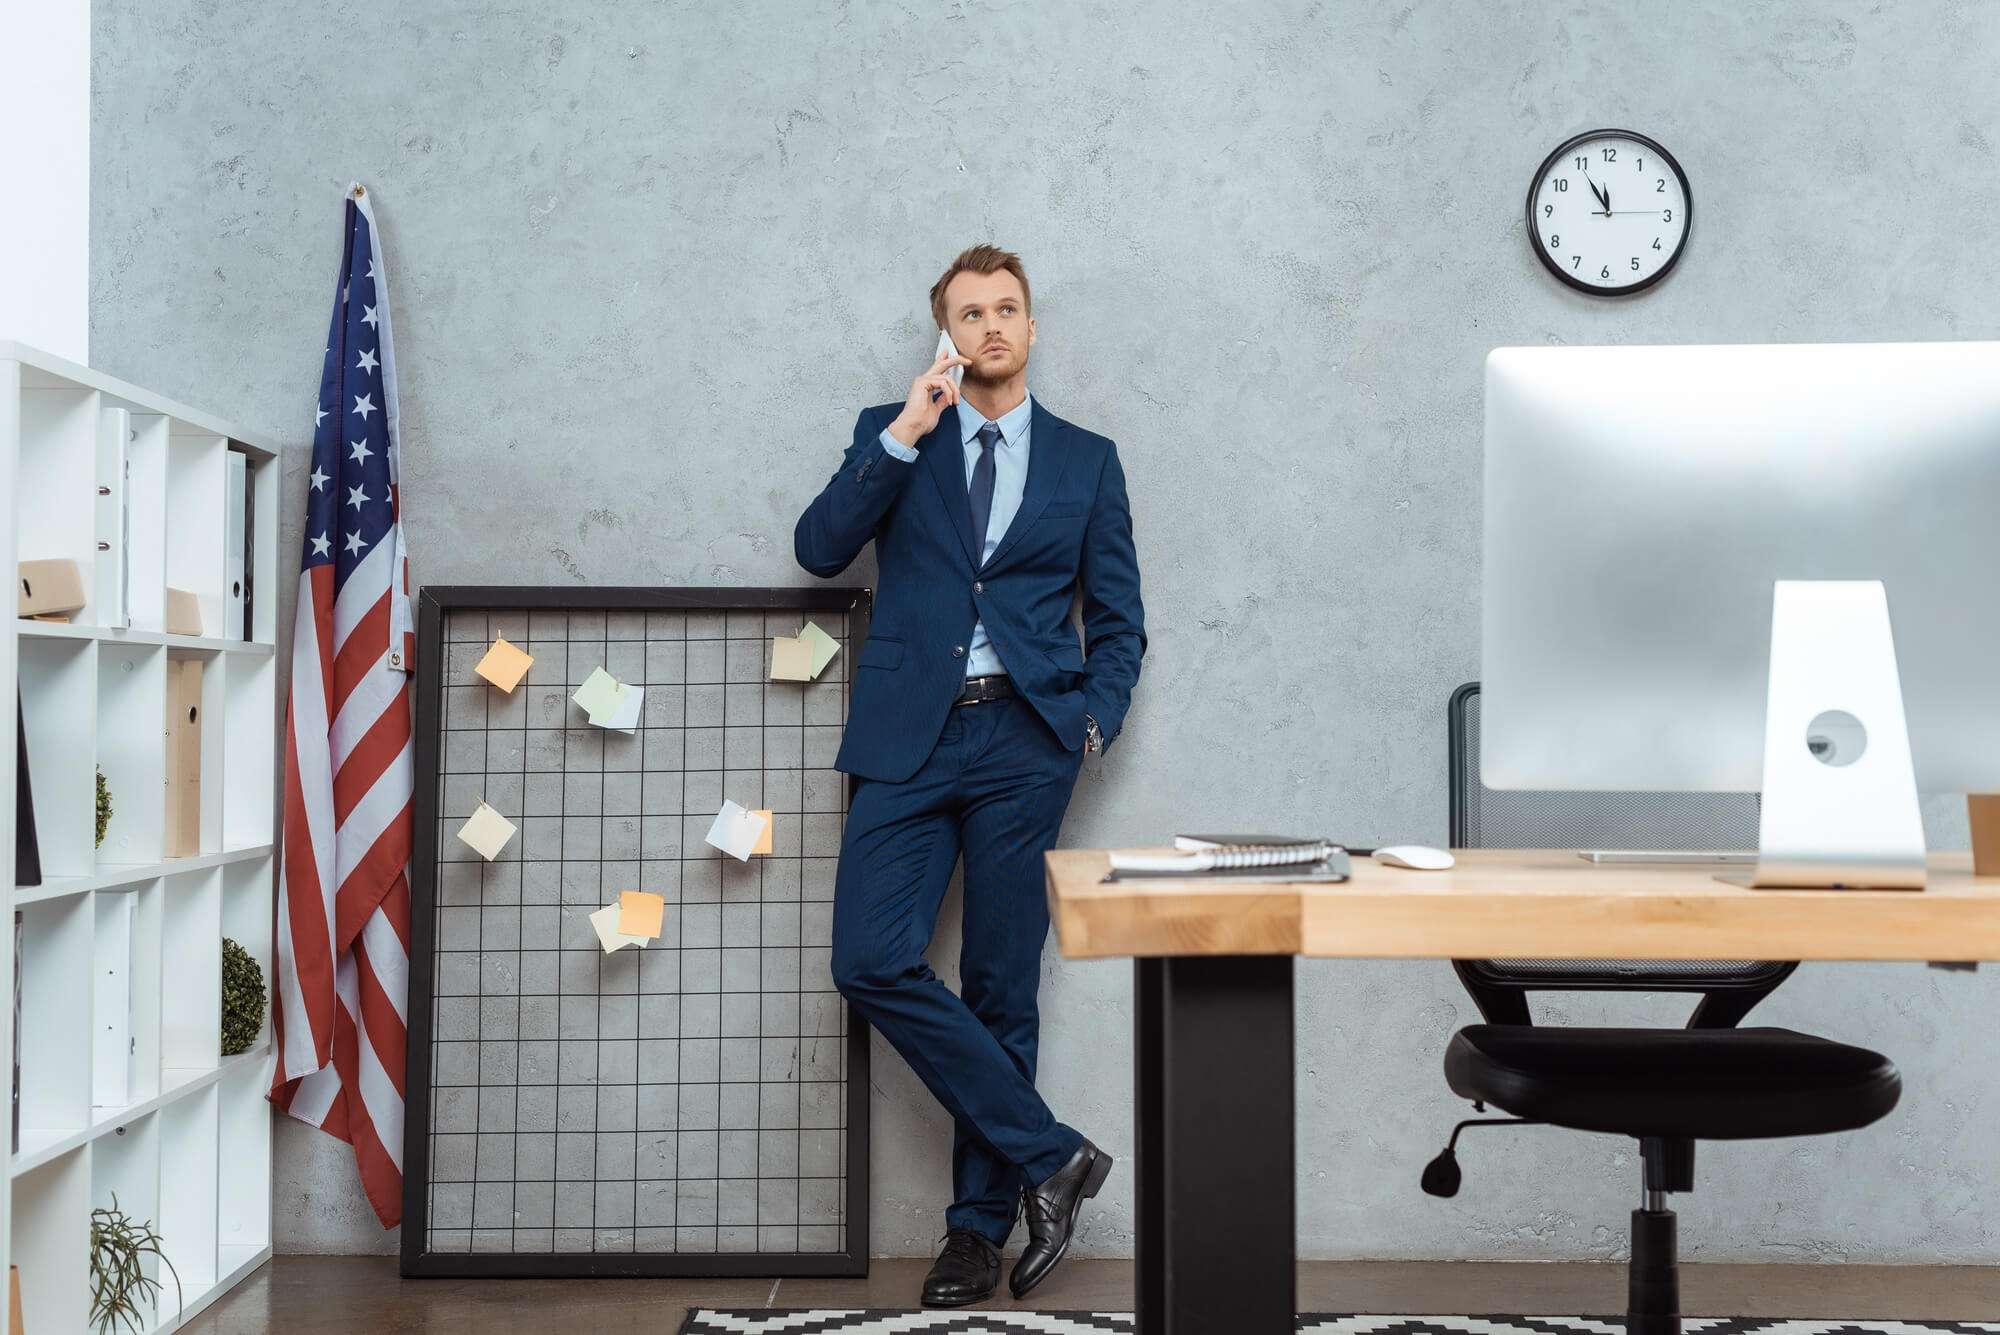 Visto de trabalho nos EUA: como funciona a imigração baseada em emprego?